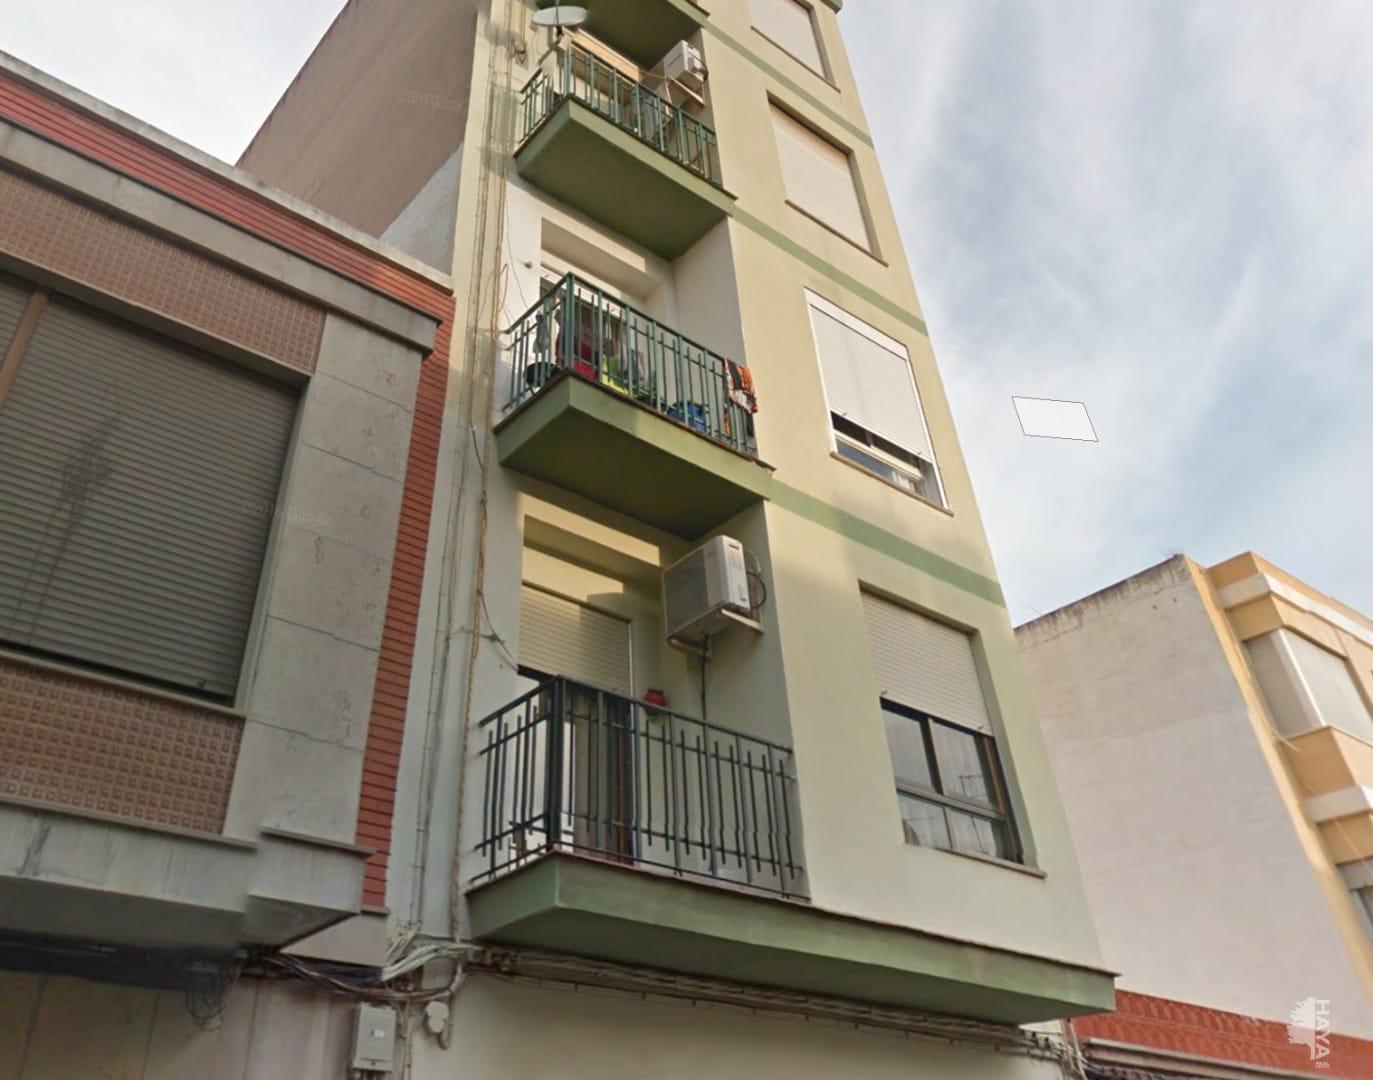 Piso en venta en Burriana, Castellón, Calle Salvador Gines, 30.300 €, 4 habitaciones, 1 baño, 113 m2